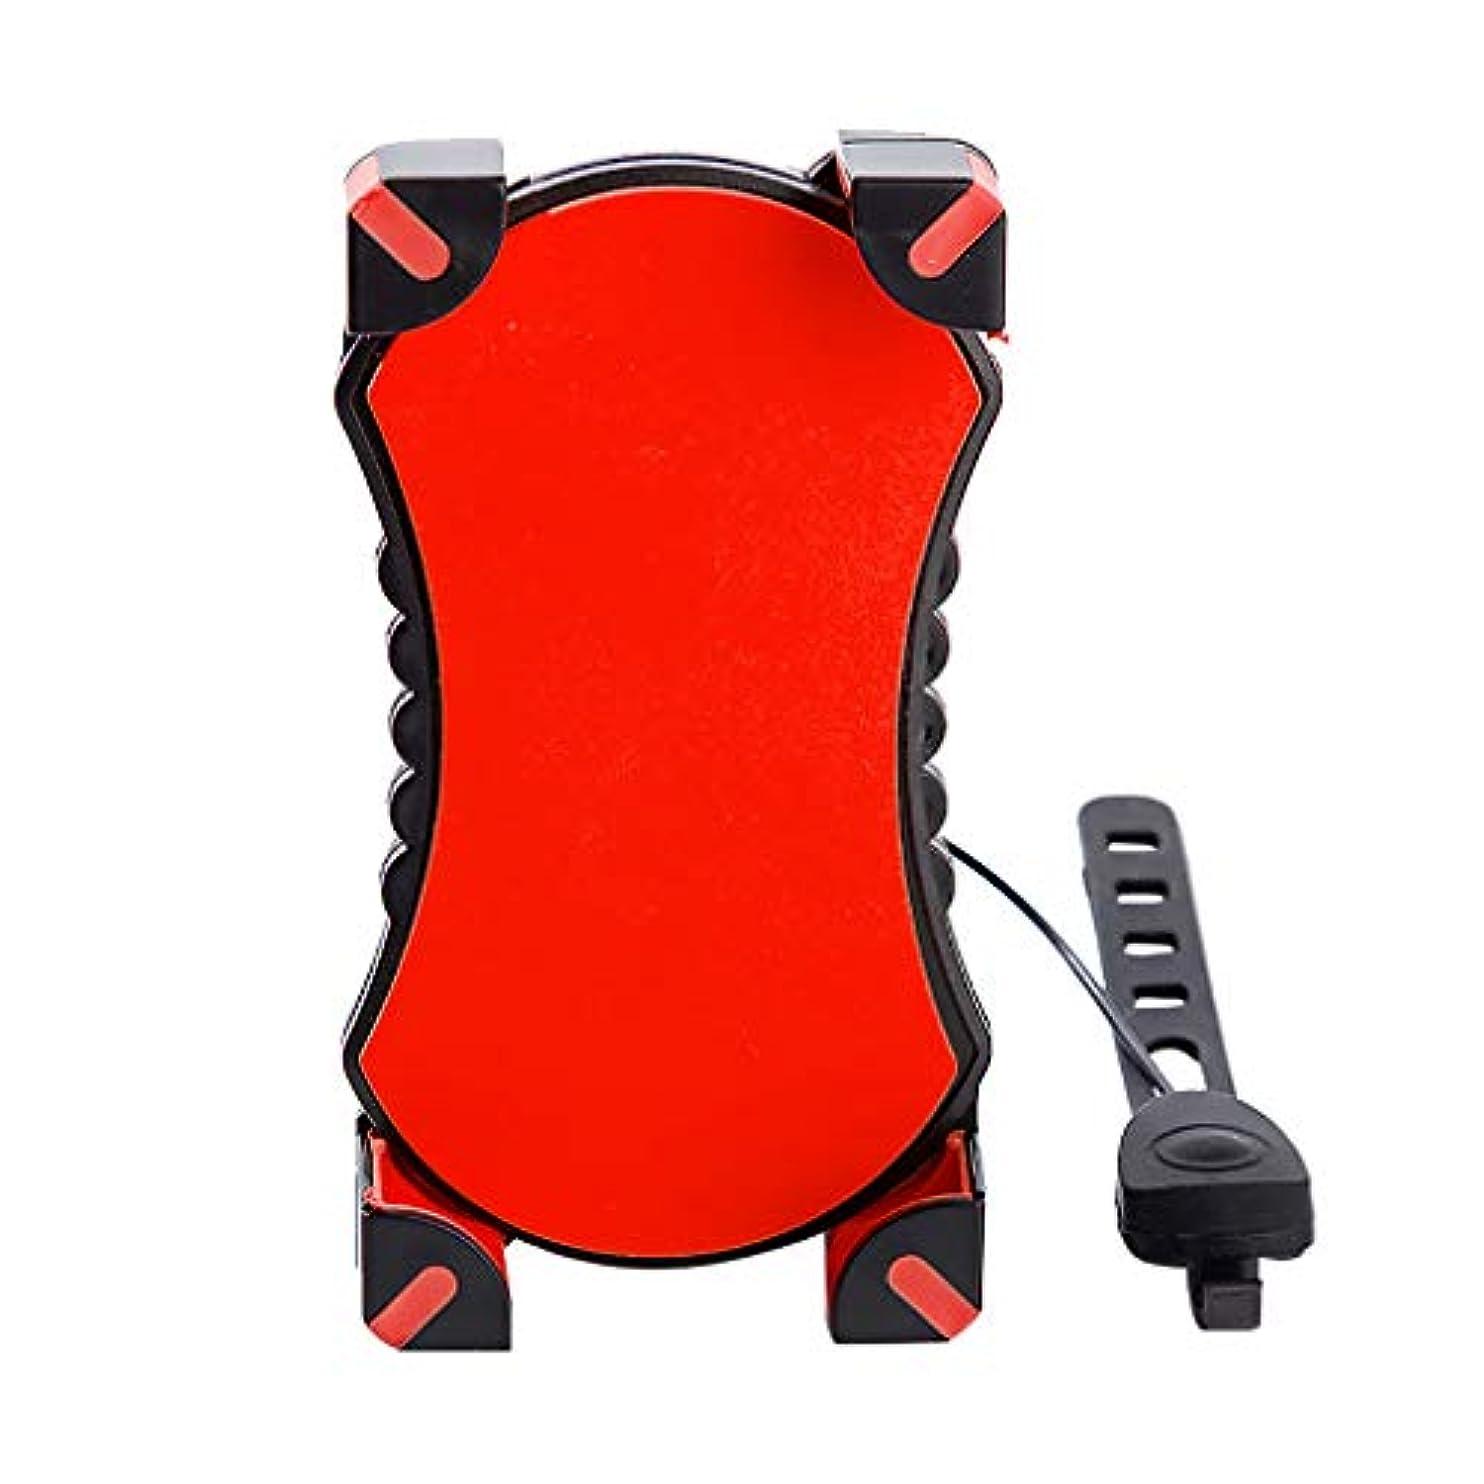 ドレイン注目すべき本気フォーンマウント ハンドルバーホルダーエクステンダ 自転車乗車用ハンドルバー 調節式フィット GPS